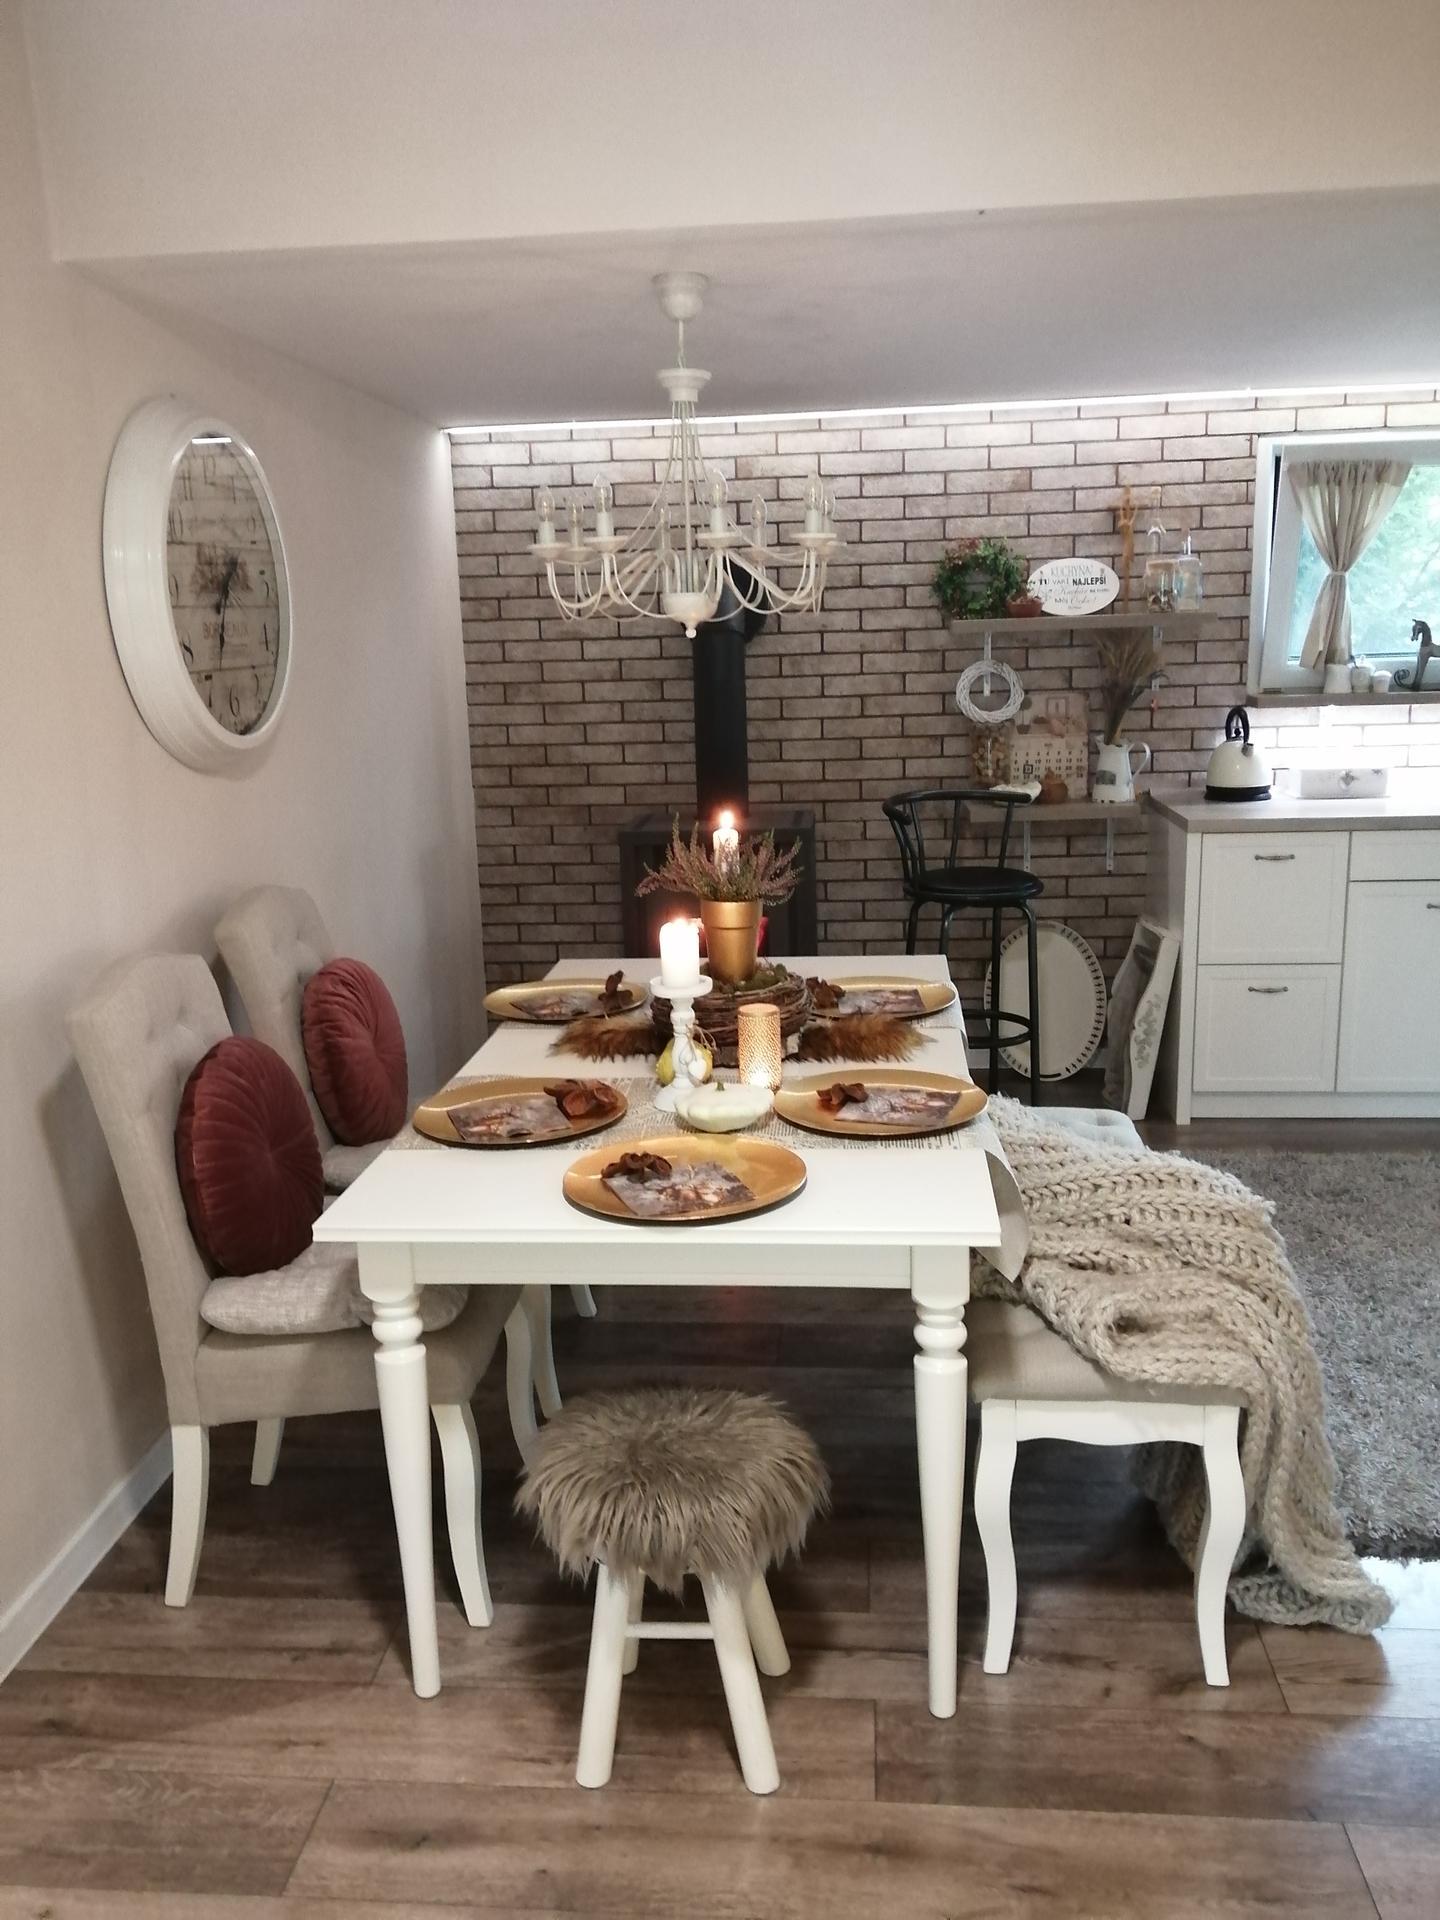 Naša jedáleň 🍂 - Obrázok č. 7